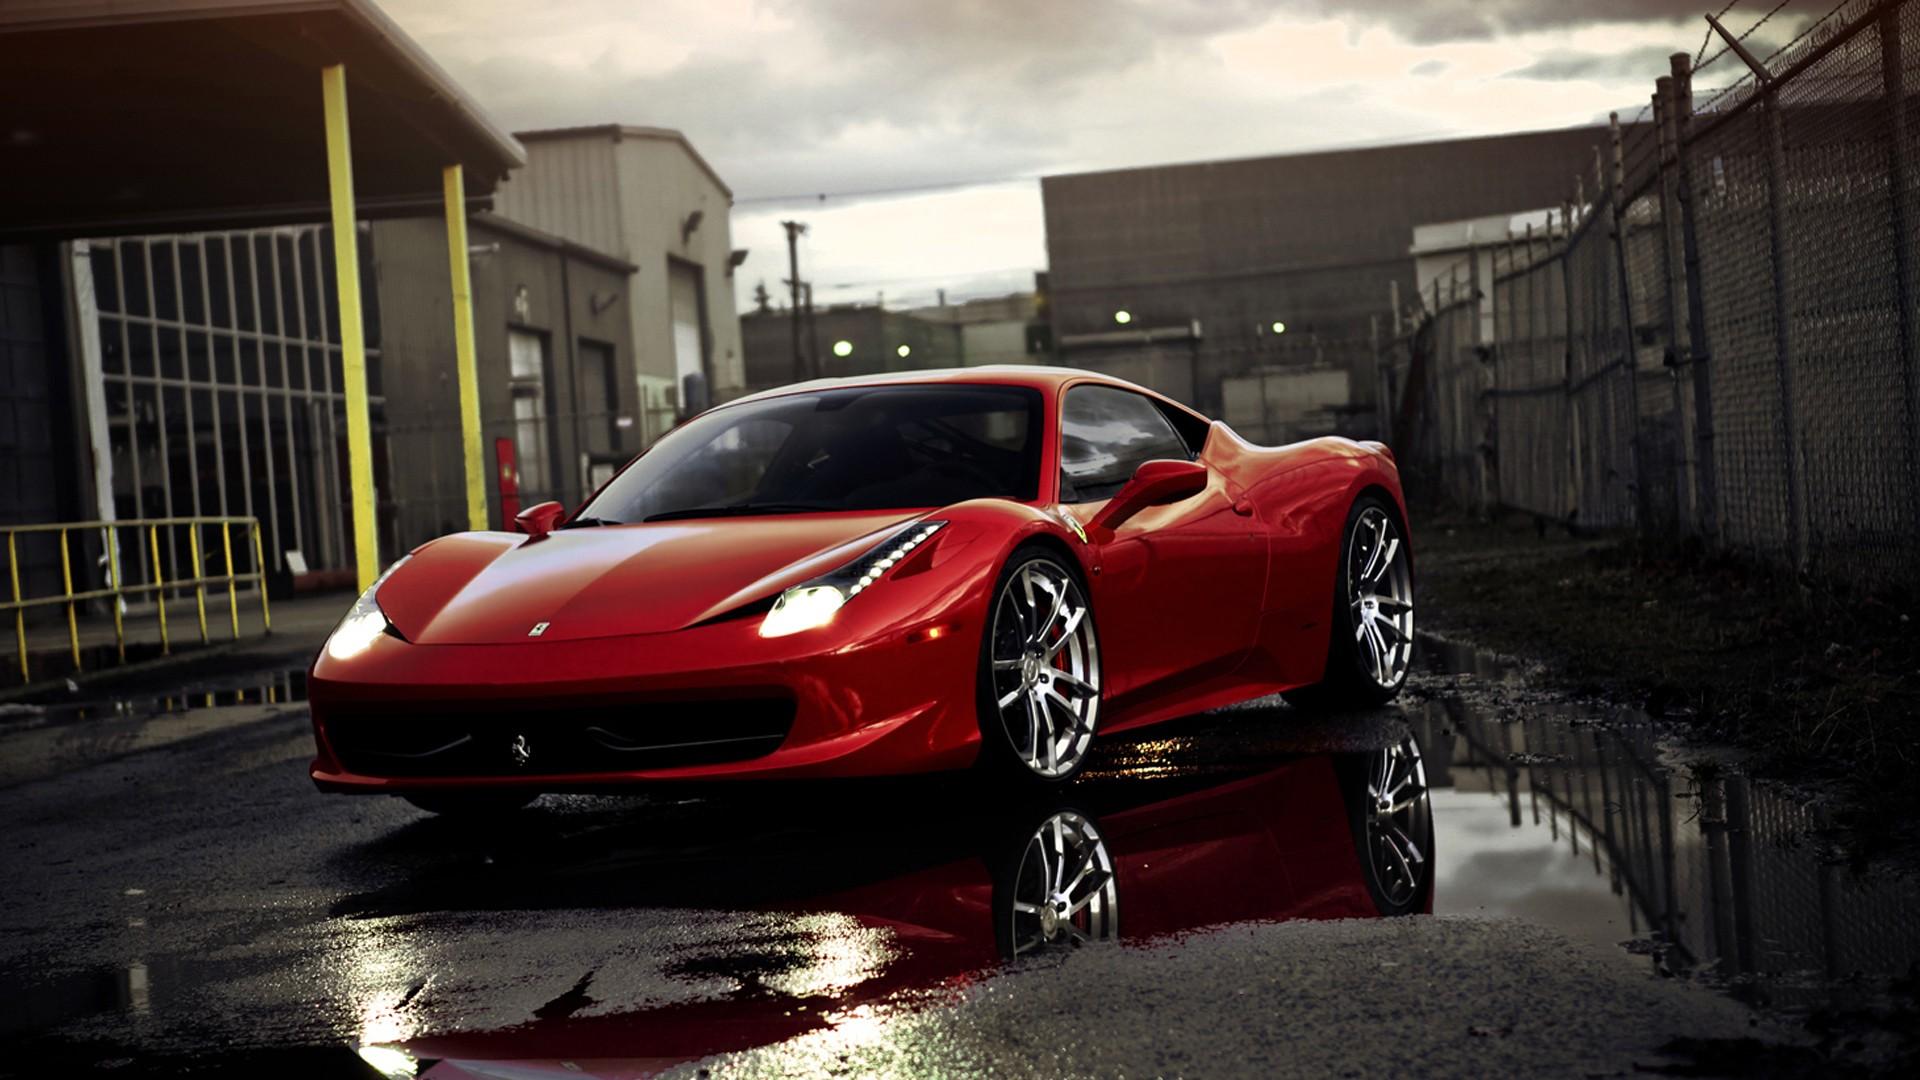 cool-ferrari-458-italia-sports-car-wallpaper.jpg